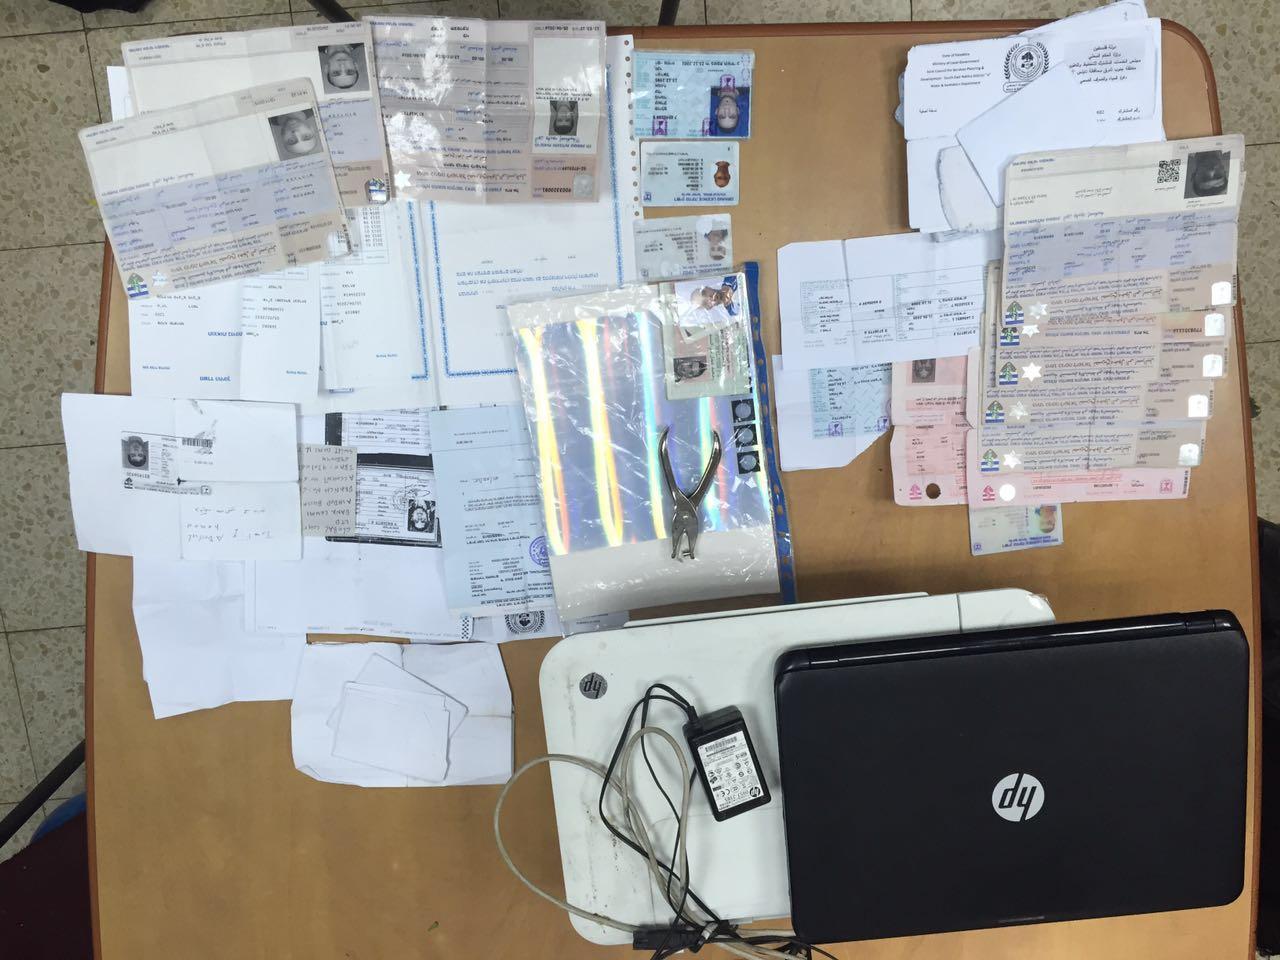 המעבדה לזיוף מסמכים שתפסה המשטרה בכפר עקרבה.צילום דוברות משטרת ישראל.